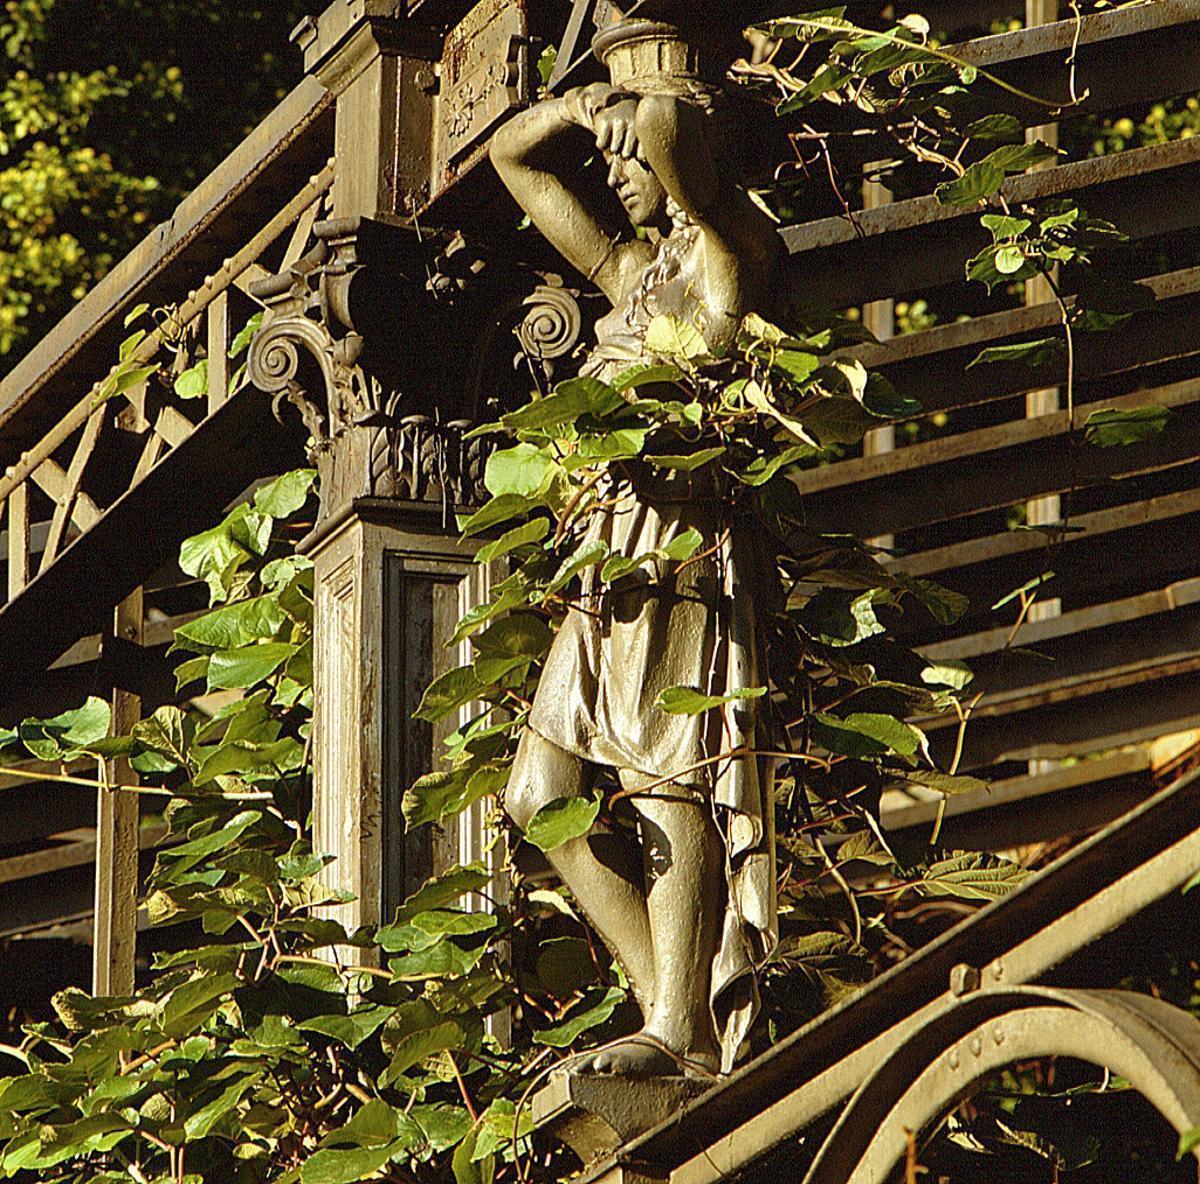 Botanischer Garten Karlsruhe öffnungszeiten: Stilgeschichte